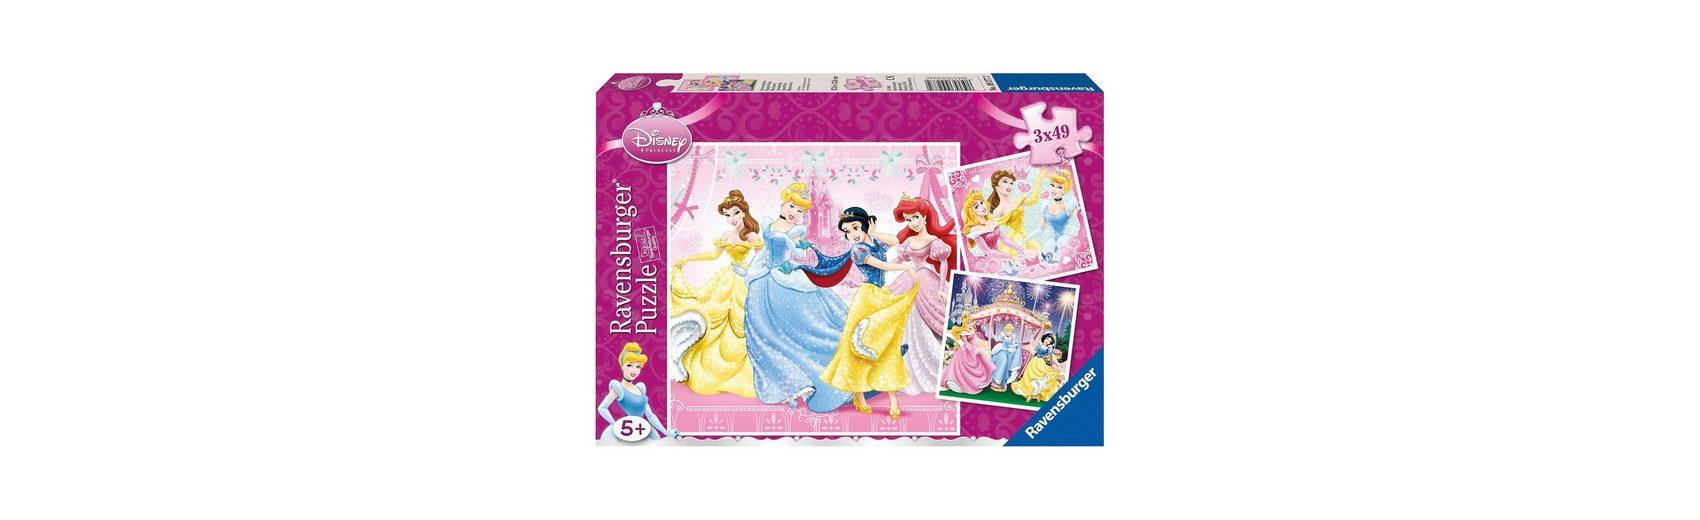 Ravensburger Disney Princess: Schneewittchen, ,Cinderella, Dornröschen, A